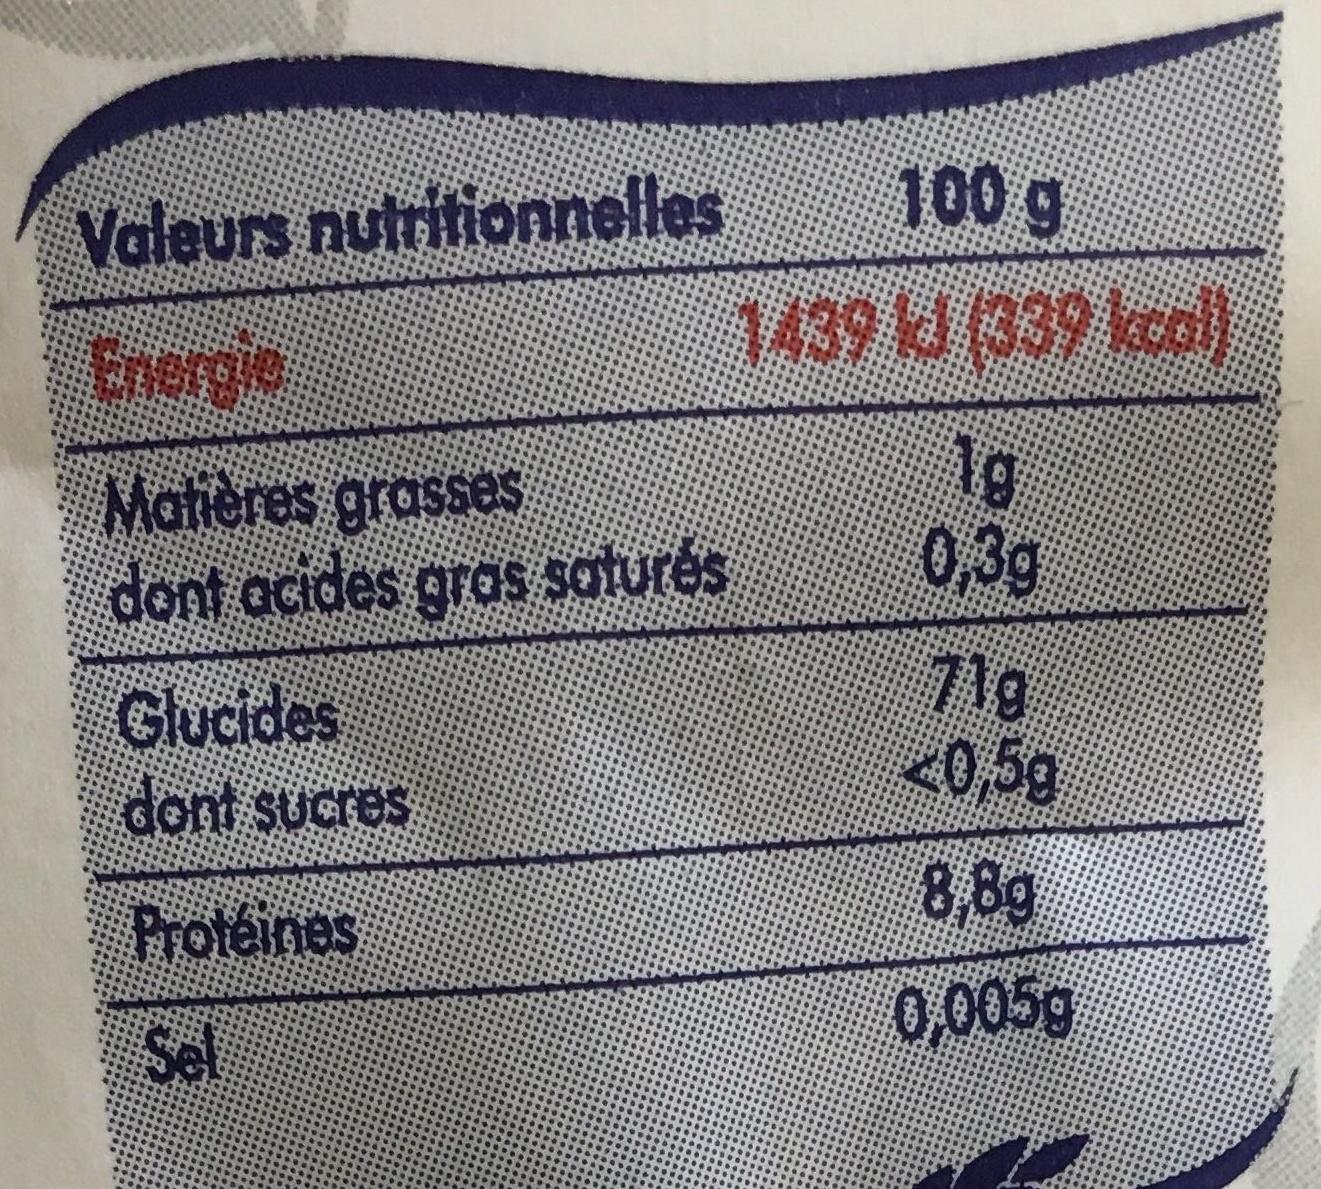 Farine fluide sans grumeau - Voedingswaarden - fr